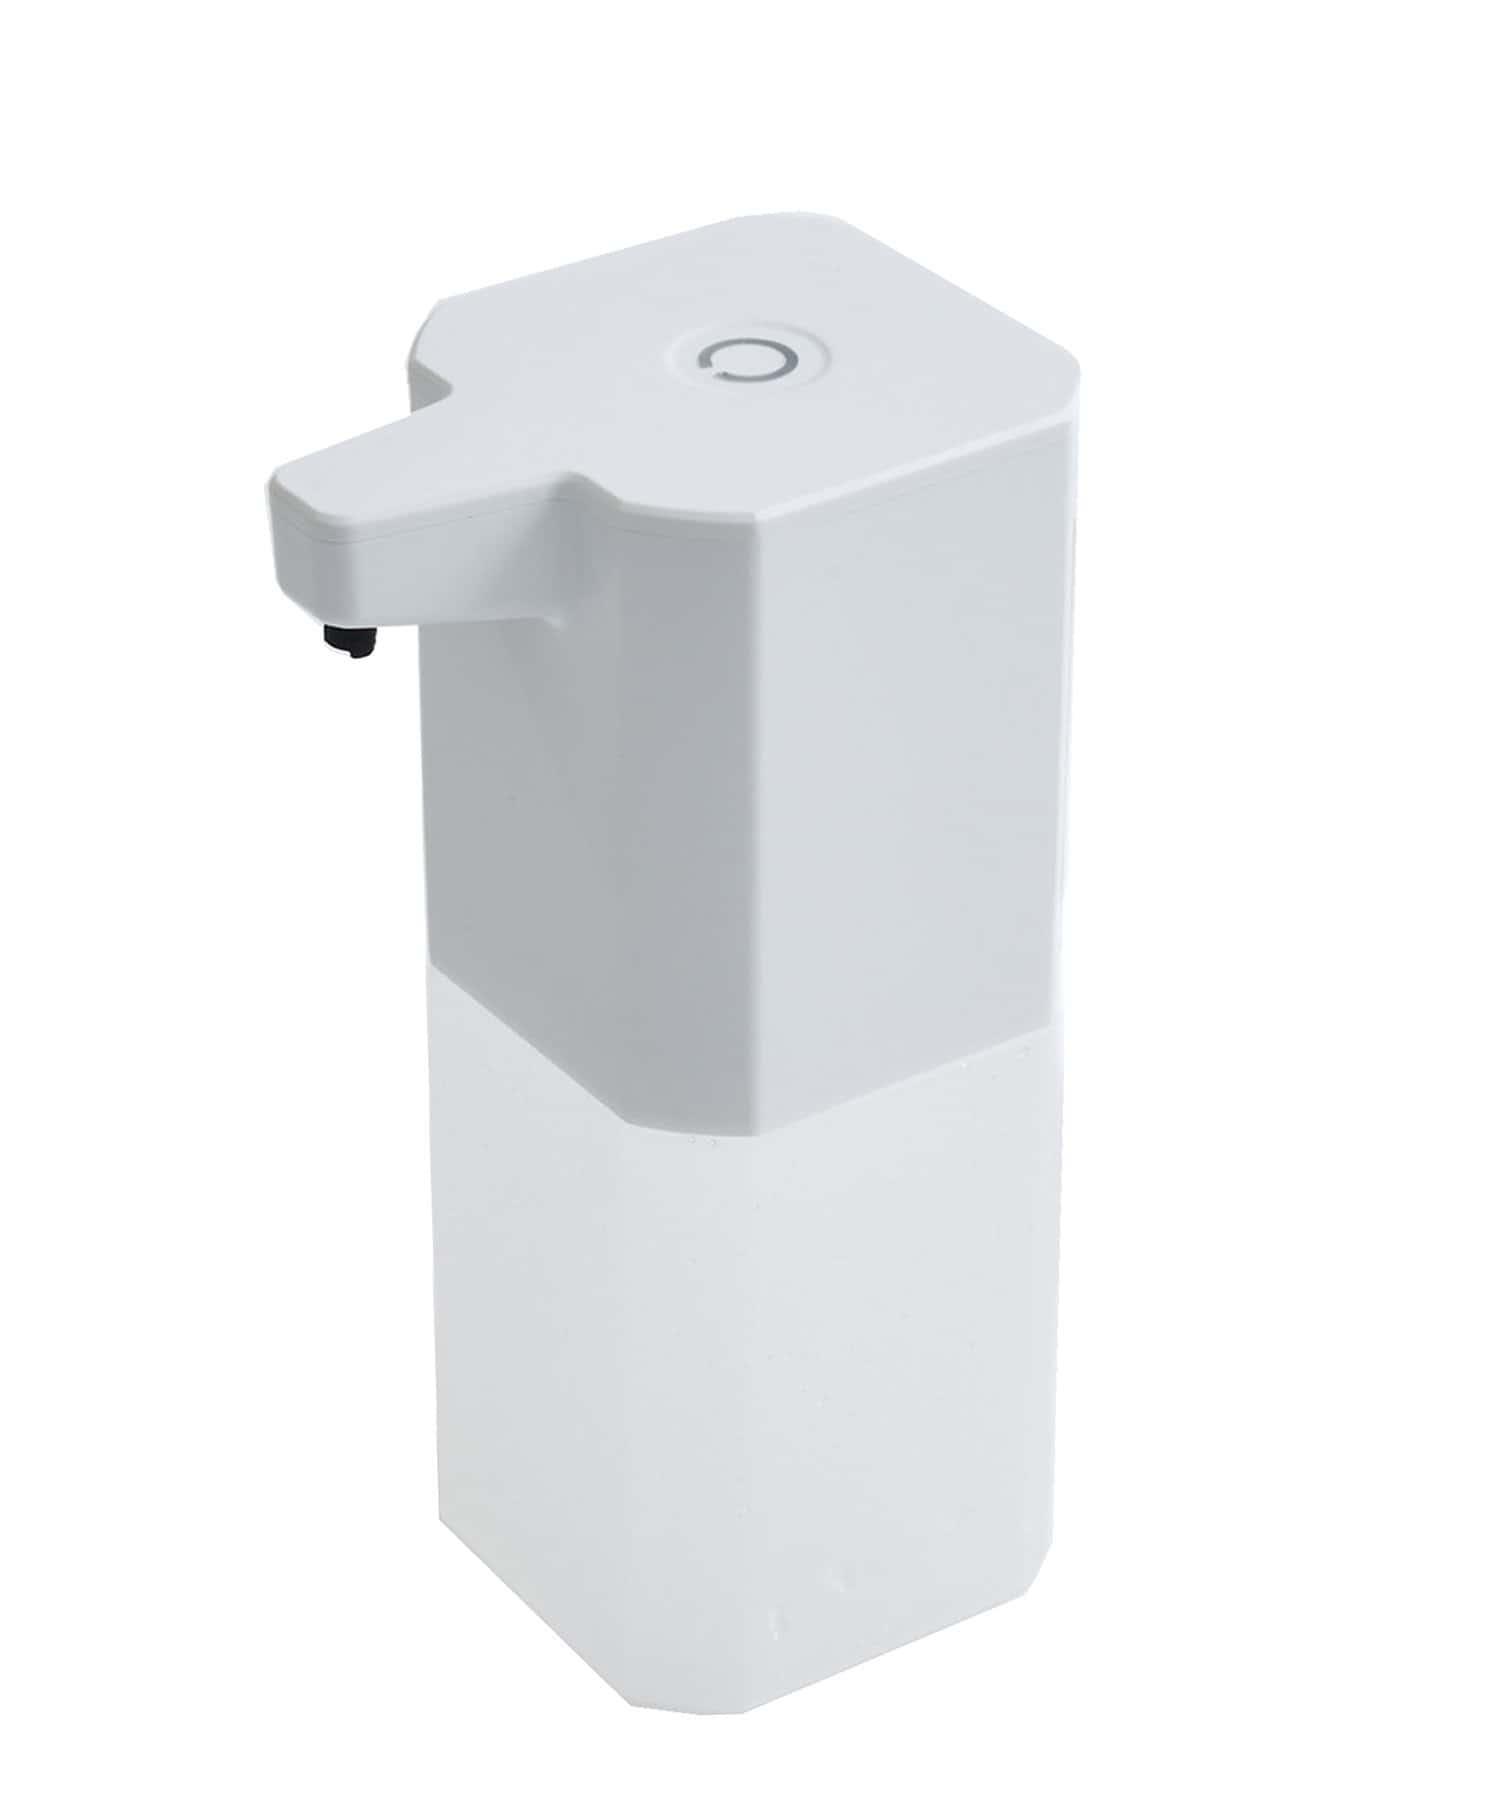 3COINS(スリーコインズ) ライフスタイル オートソープディスペンサー液タイプ ホワイト